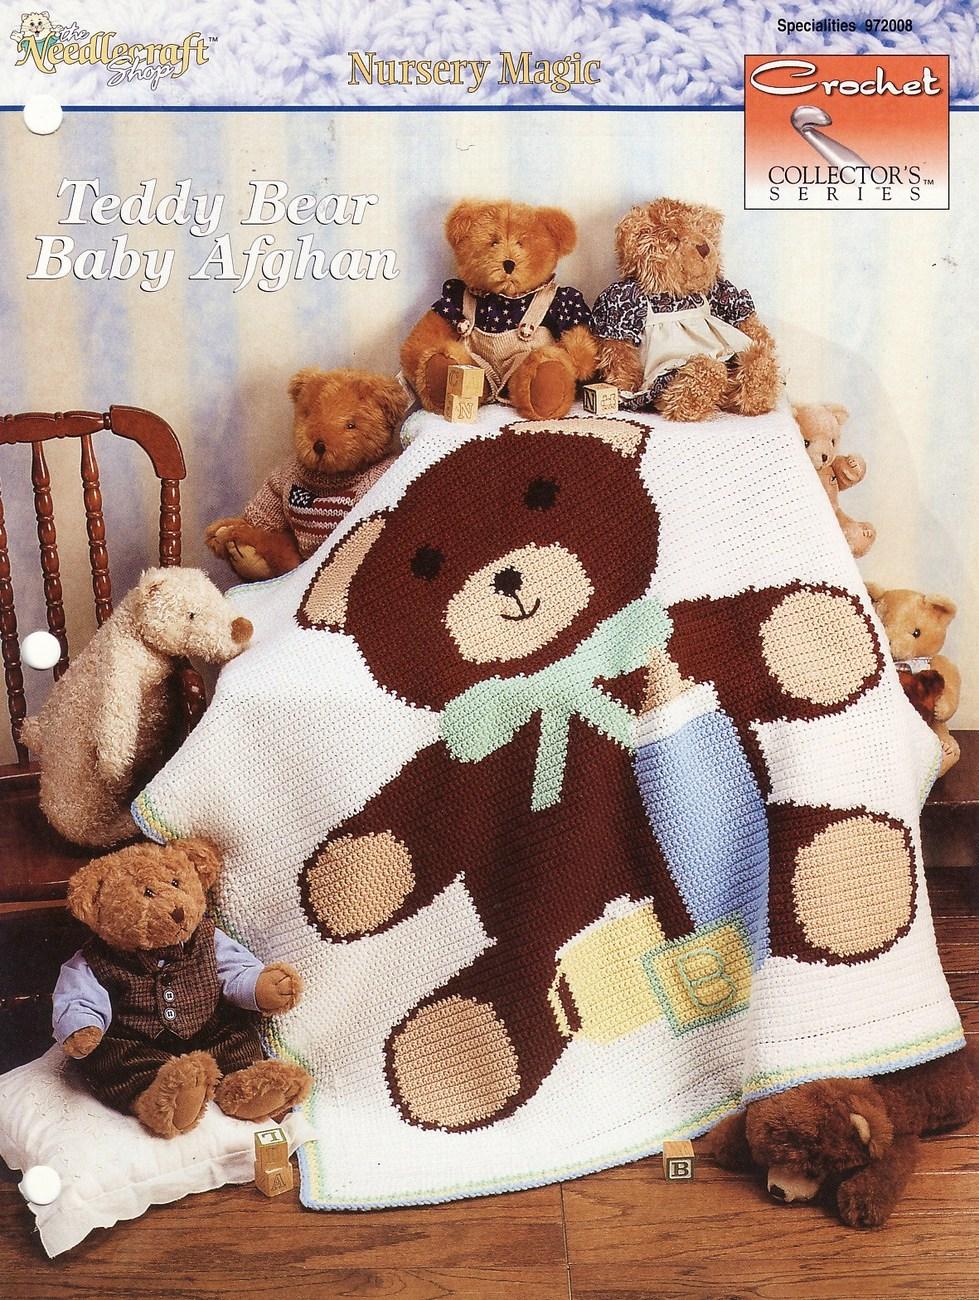 PATTERN: Teddy Girl in a Lace Dress Crocheted teddy bear | Etsy | 1300x979